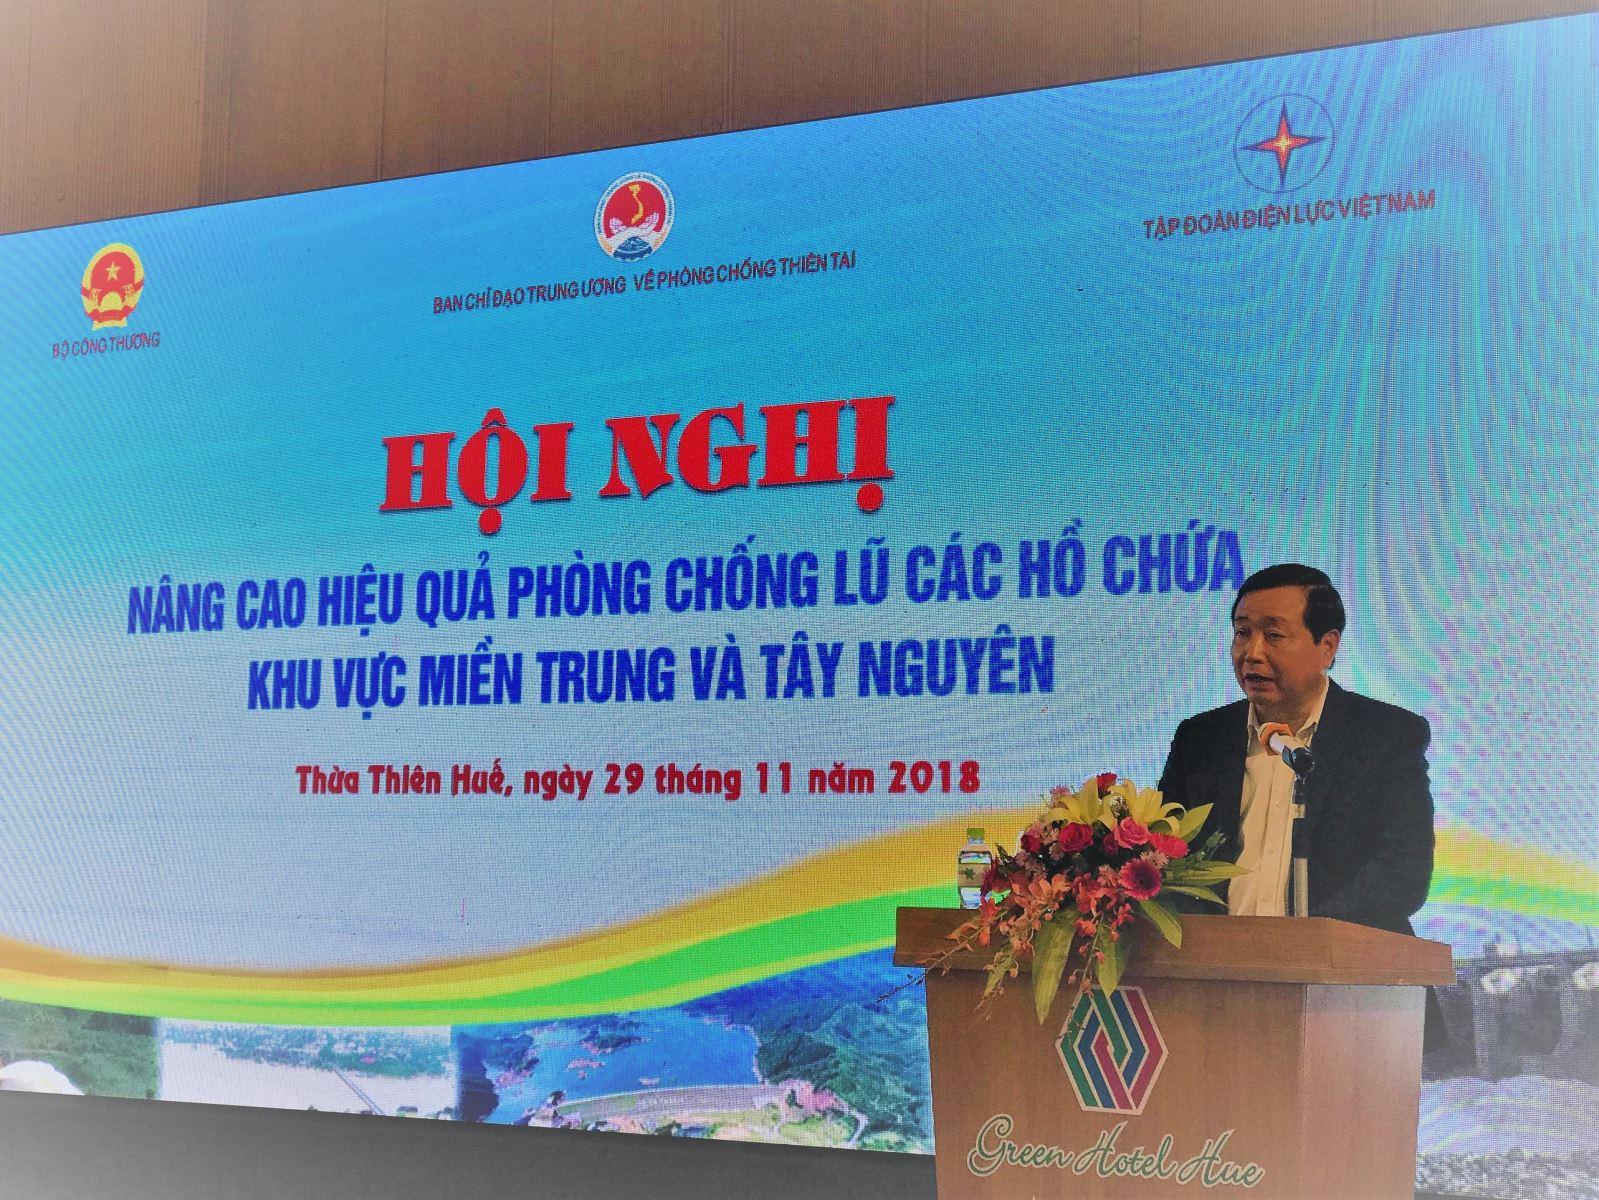 """Hội nghị """"Nâng cao hiệu quả chống lũ các hồ chứa khu vực miền Trung và Tây Nguyên"""""""